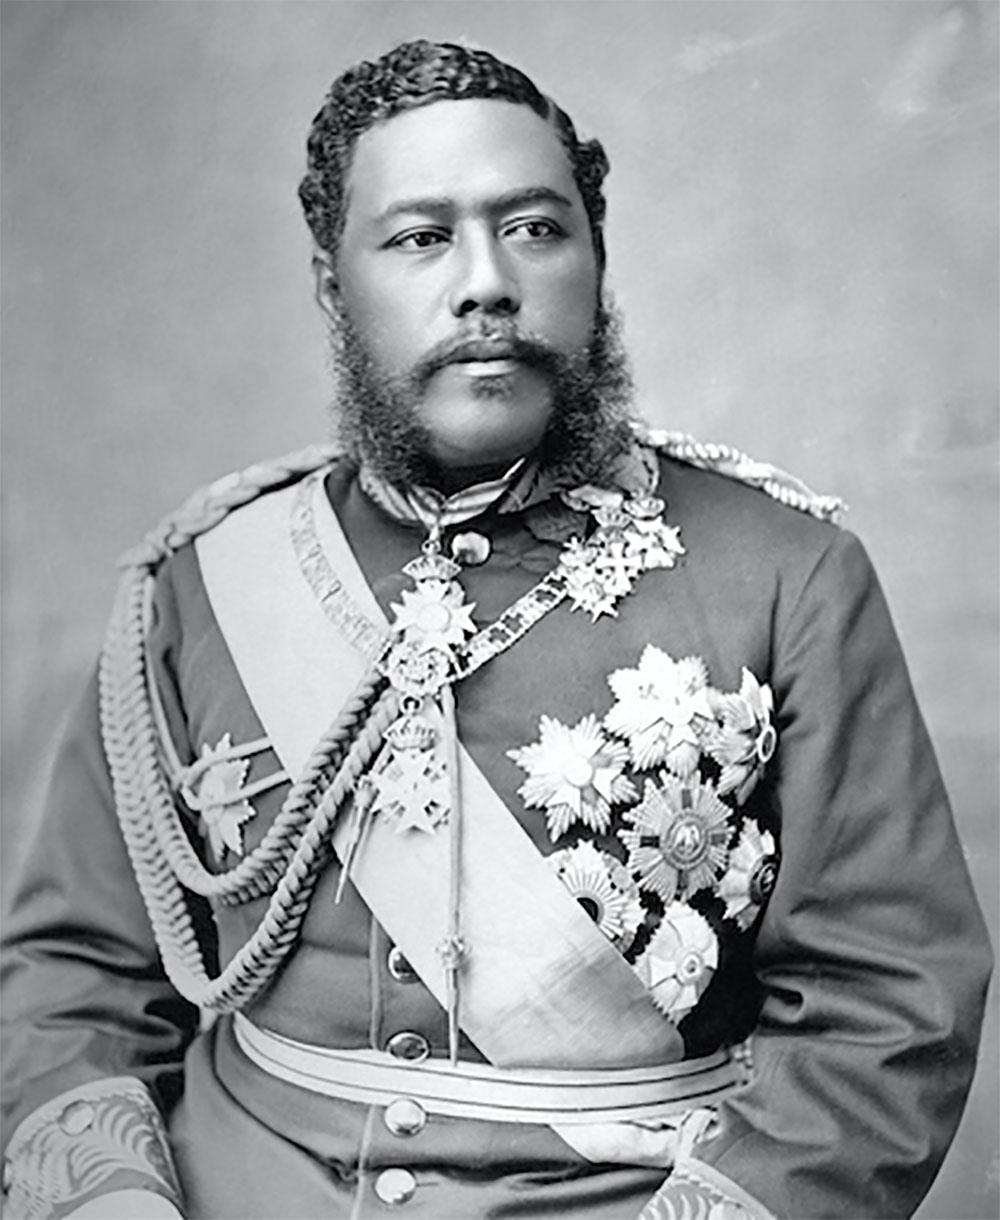 Portrait du roi Kalakaua, promoteur infatigable du renouveau culturel hawaiien et  du ukulele, qu'il associa aux chants anciens et au hula.